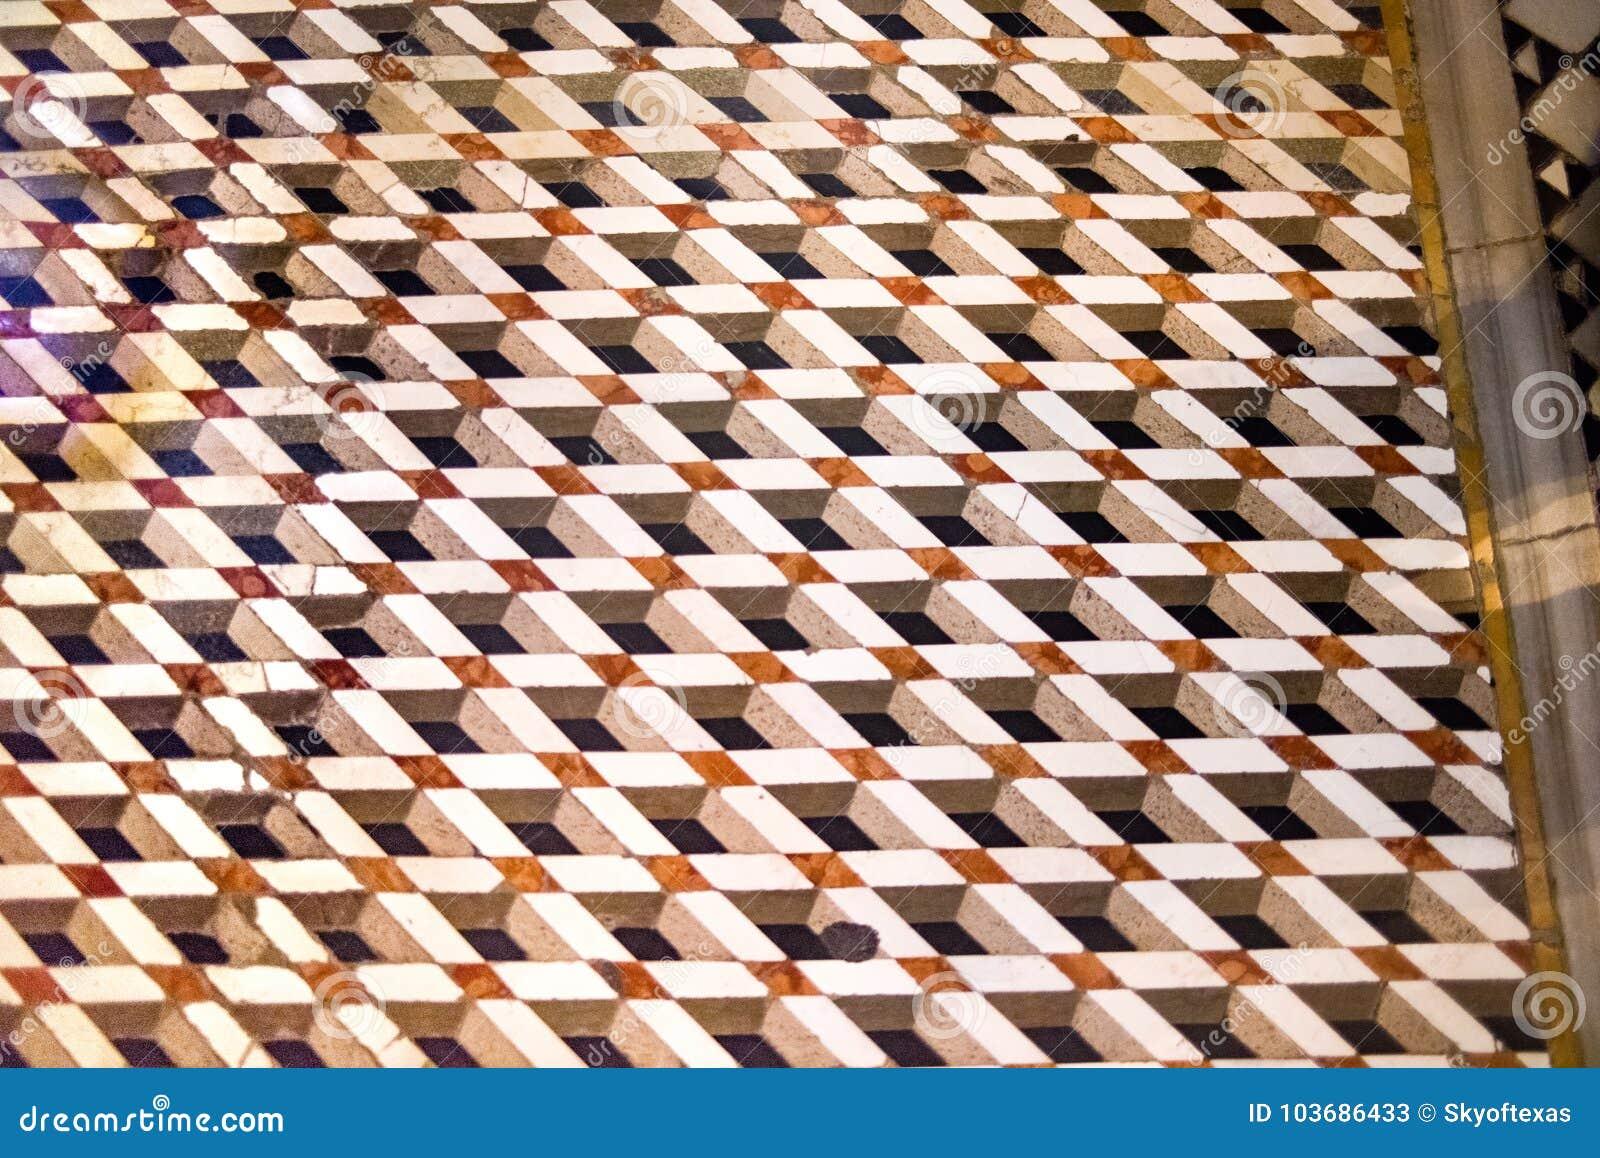 Piastrella per pavimento del tipo di escher del mosaico dentro la